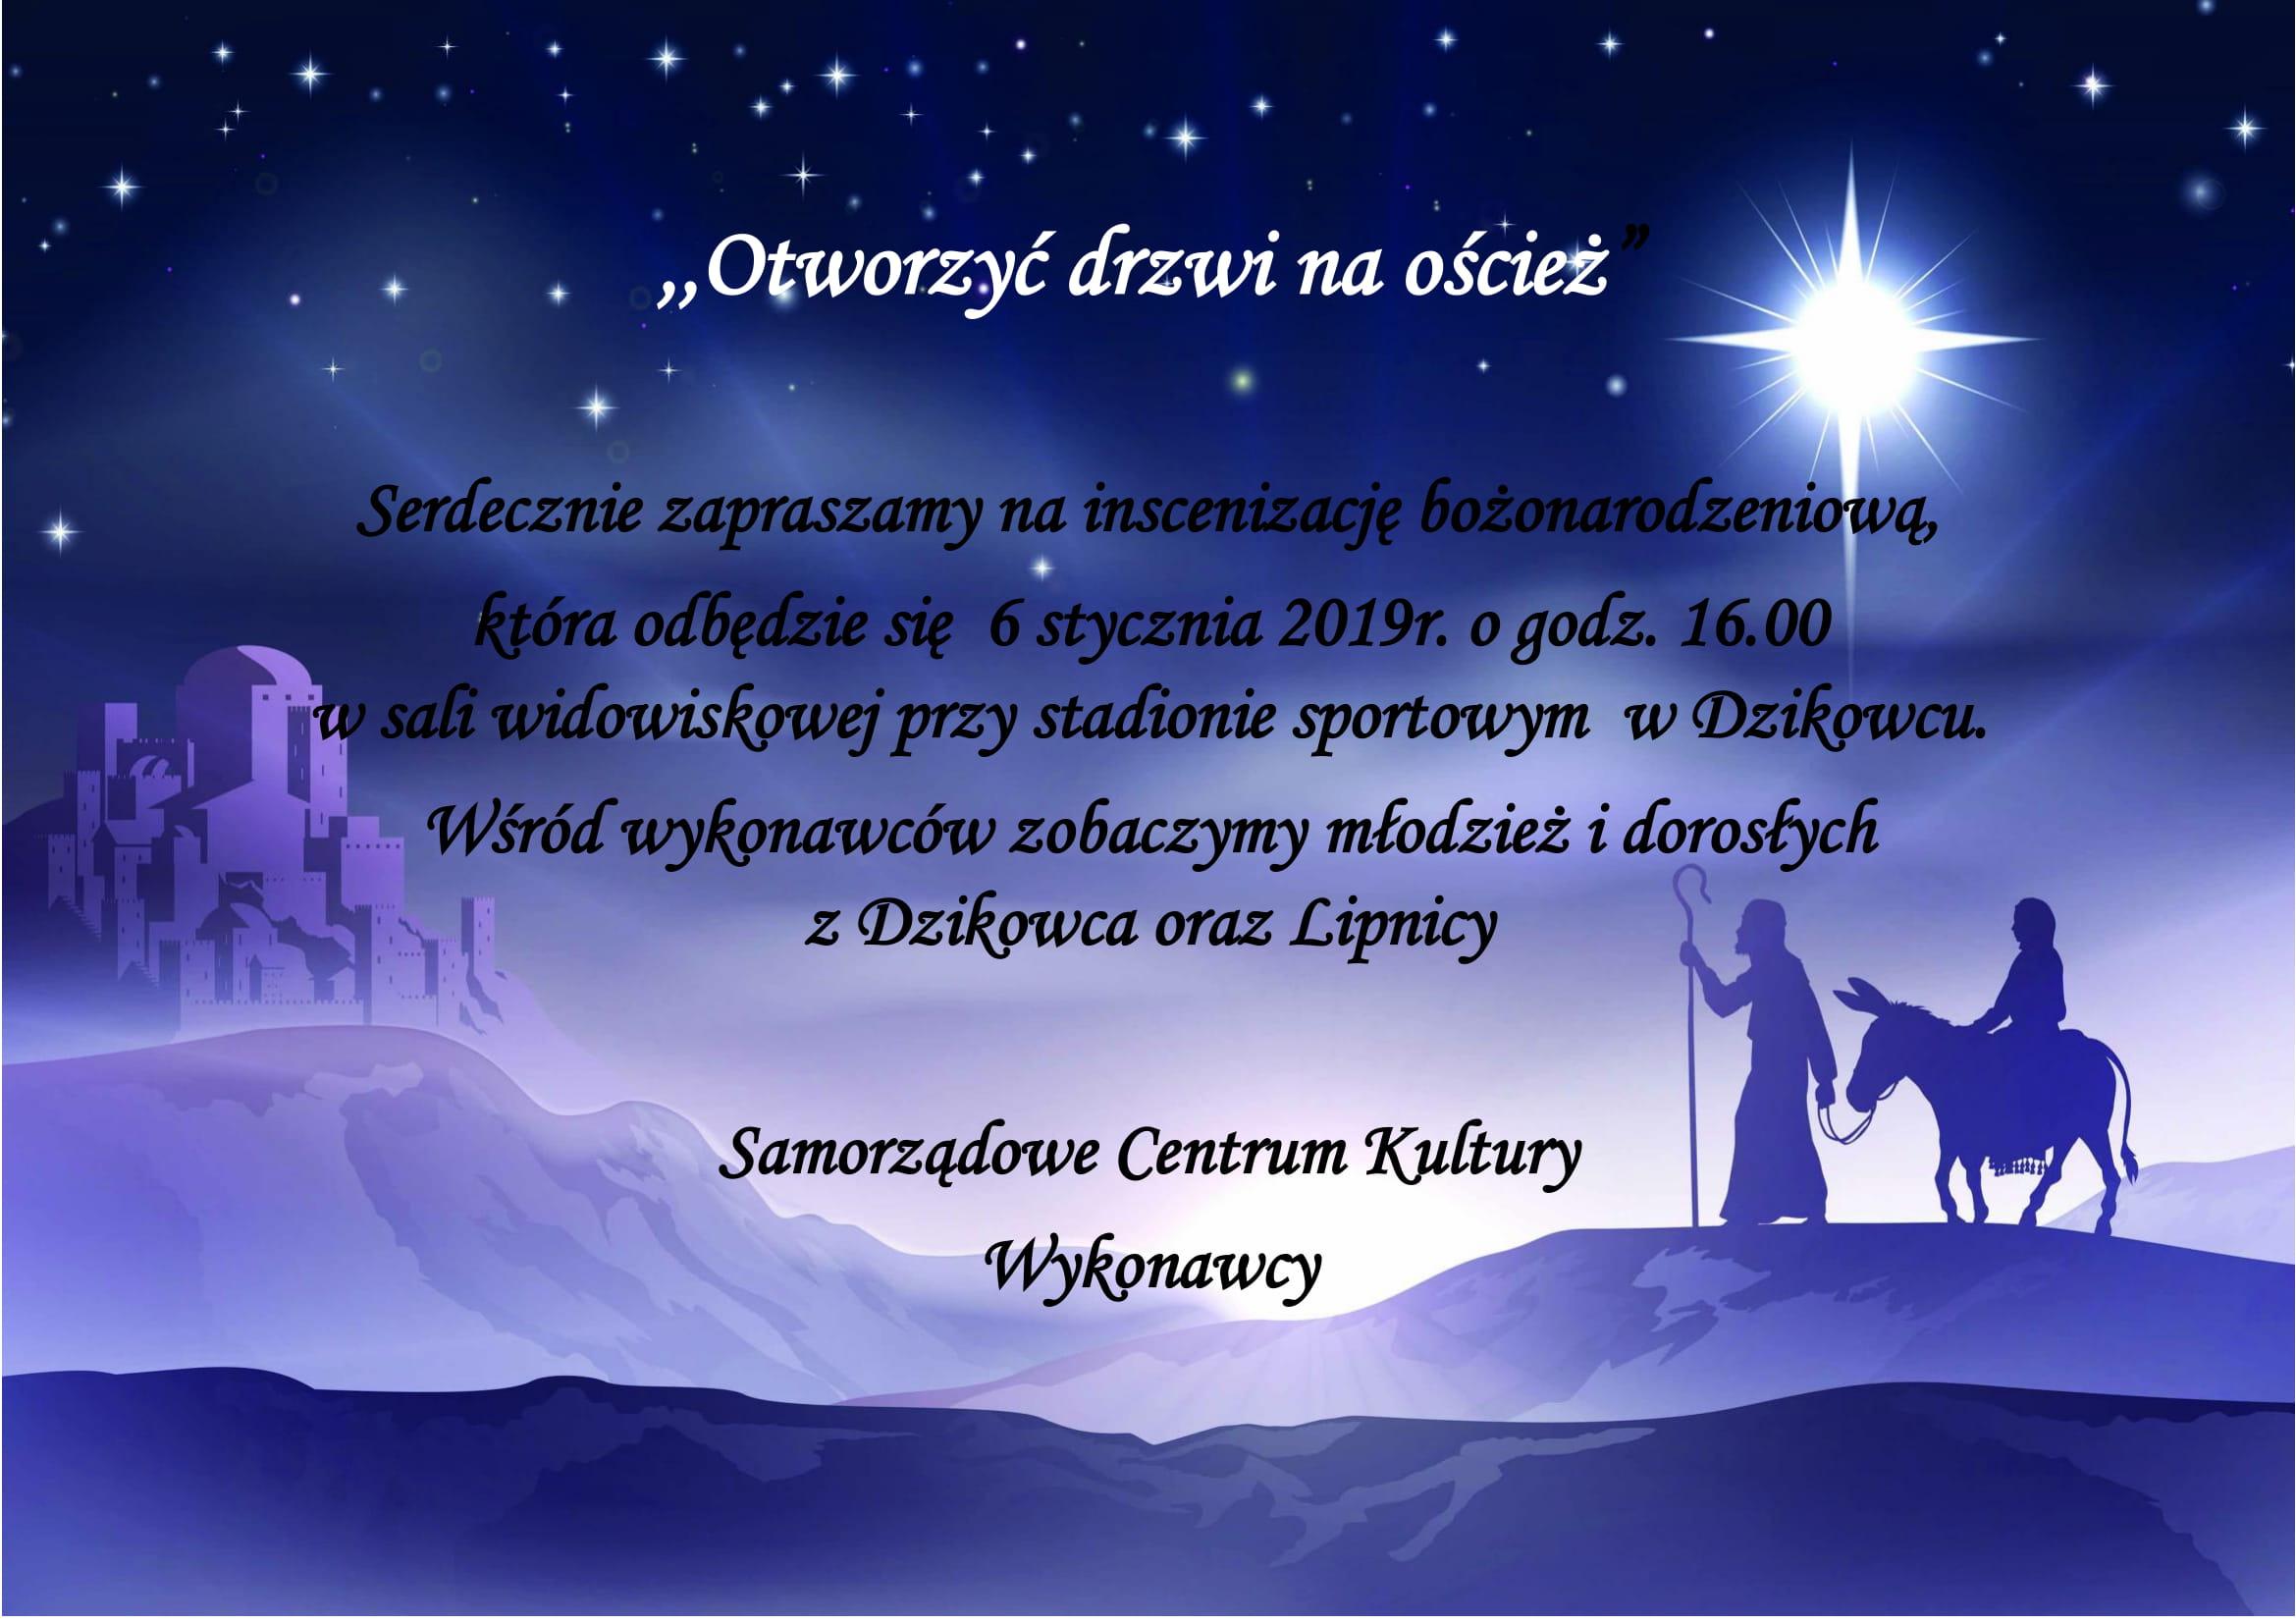 Już niebawem w Dzikowcu odbędą się jasełka bożonarodzeniowe - Zdjęcie główne